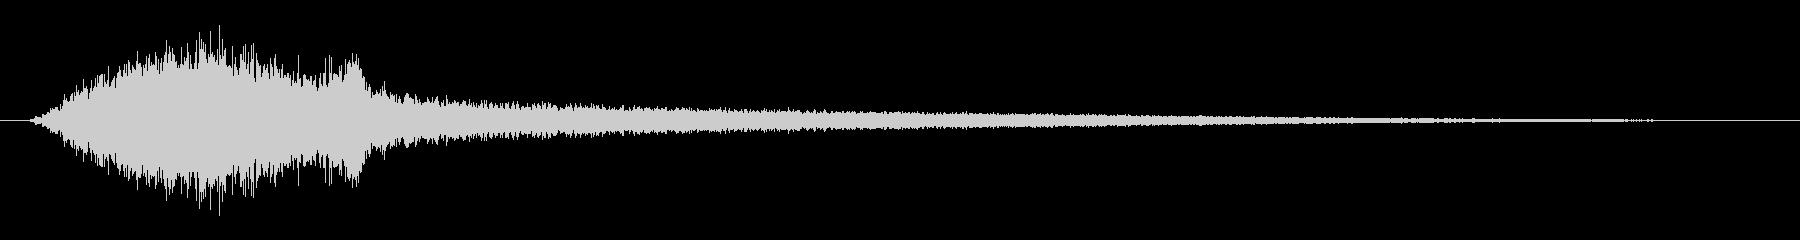 ホラー ピアノボウストリングブロー...の未再生の波形